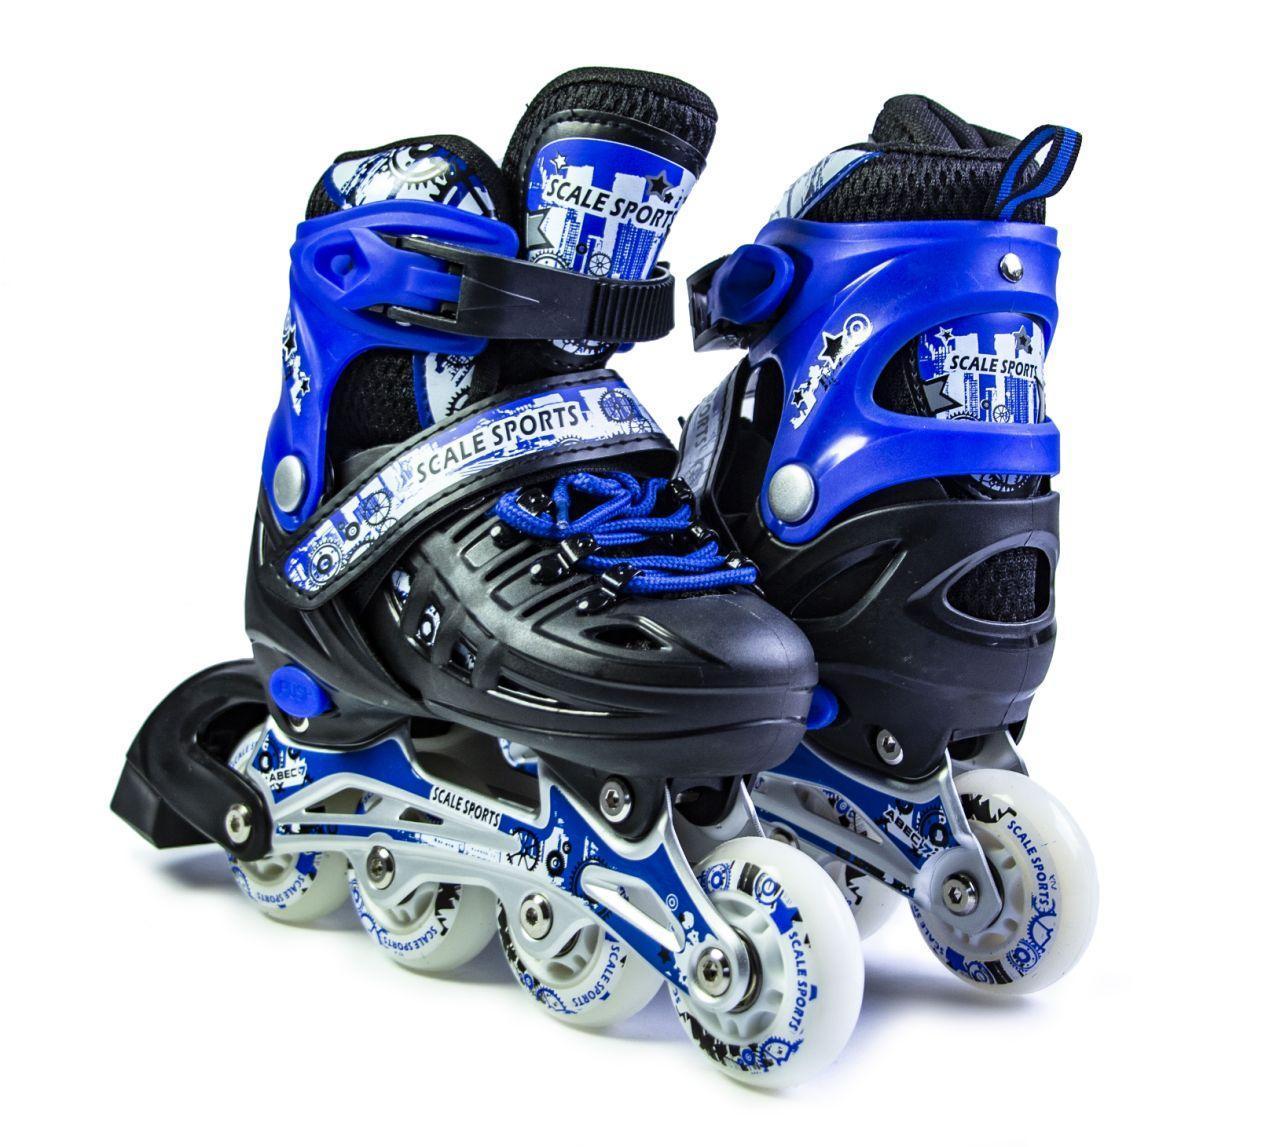 Ролики Scale Sports Blue, размер 34-37